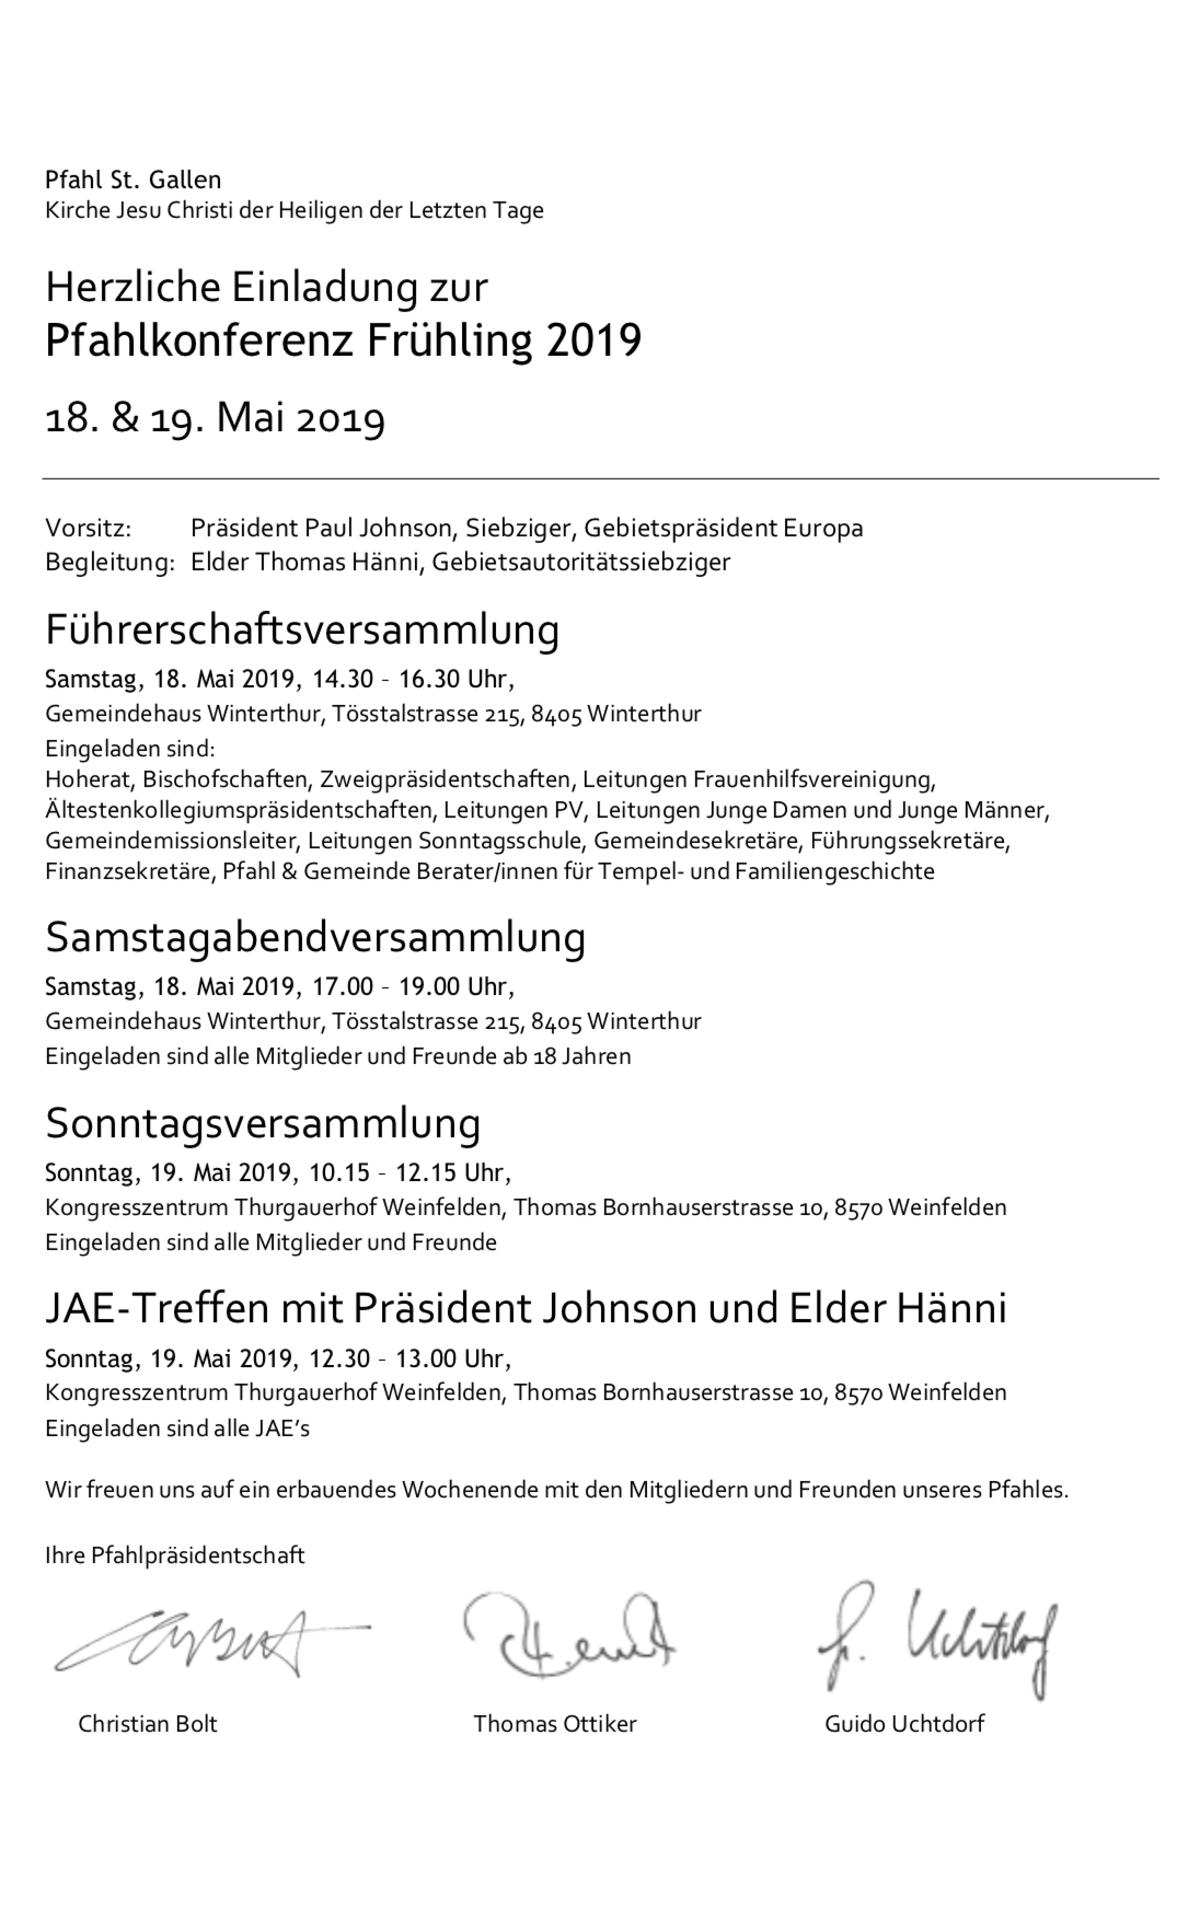 Pfahlkonferenz St. Gallen